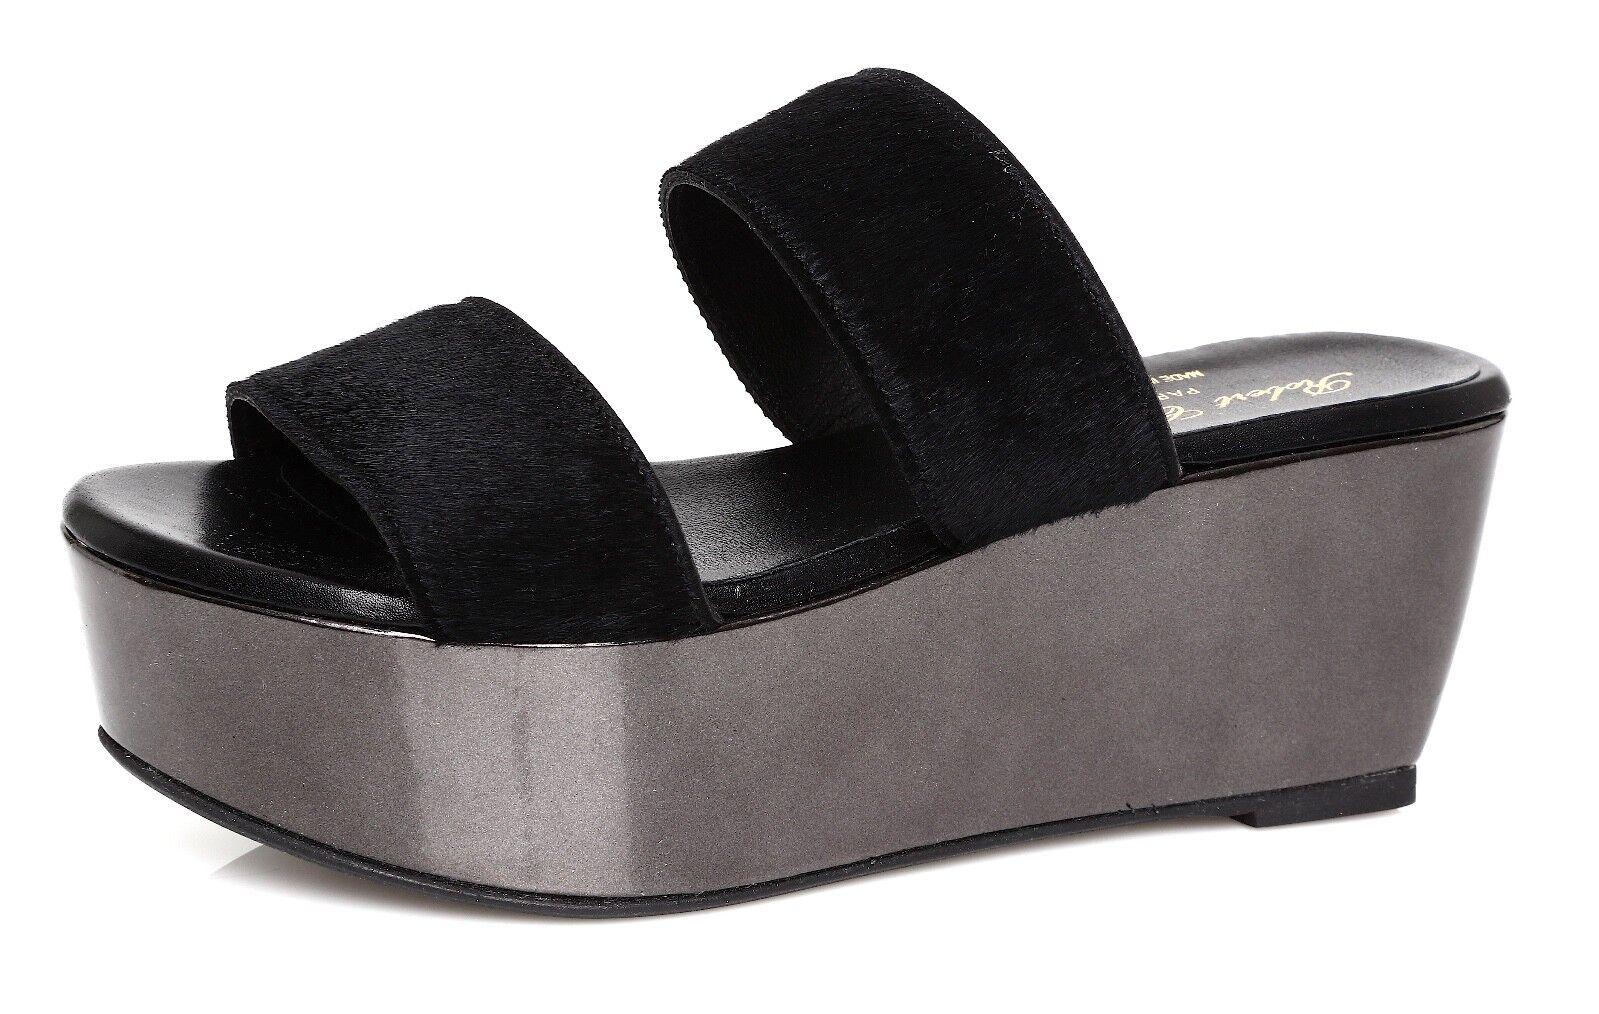 Robert Robert Robert Clergerie Frazzial Women's Black Sandals Sz 38 EUR 4272 ecdc37